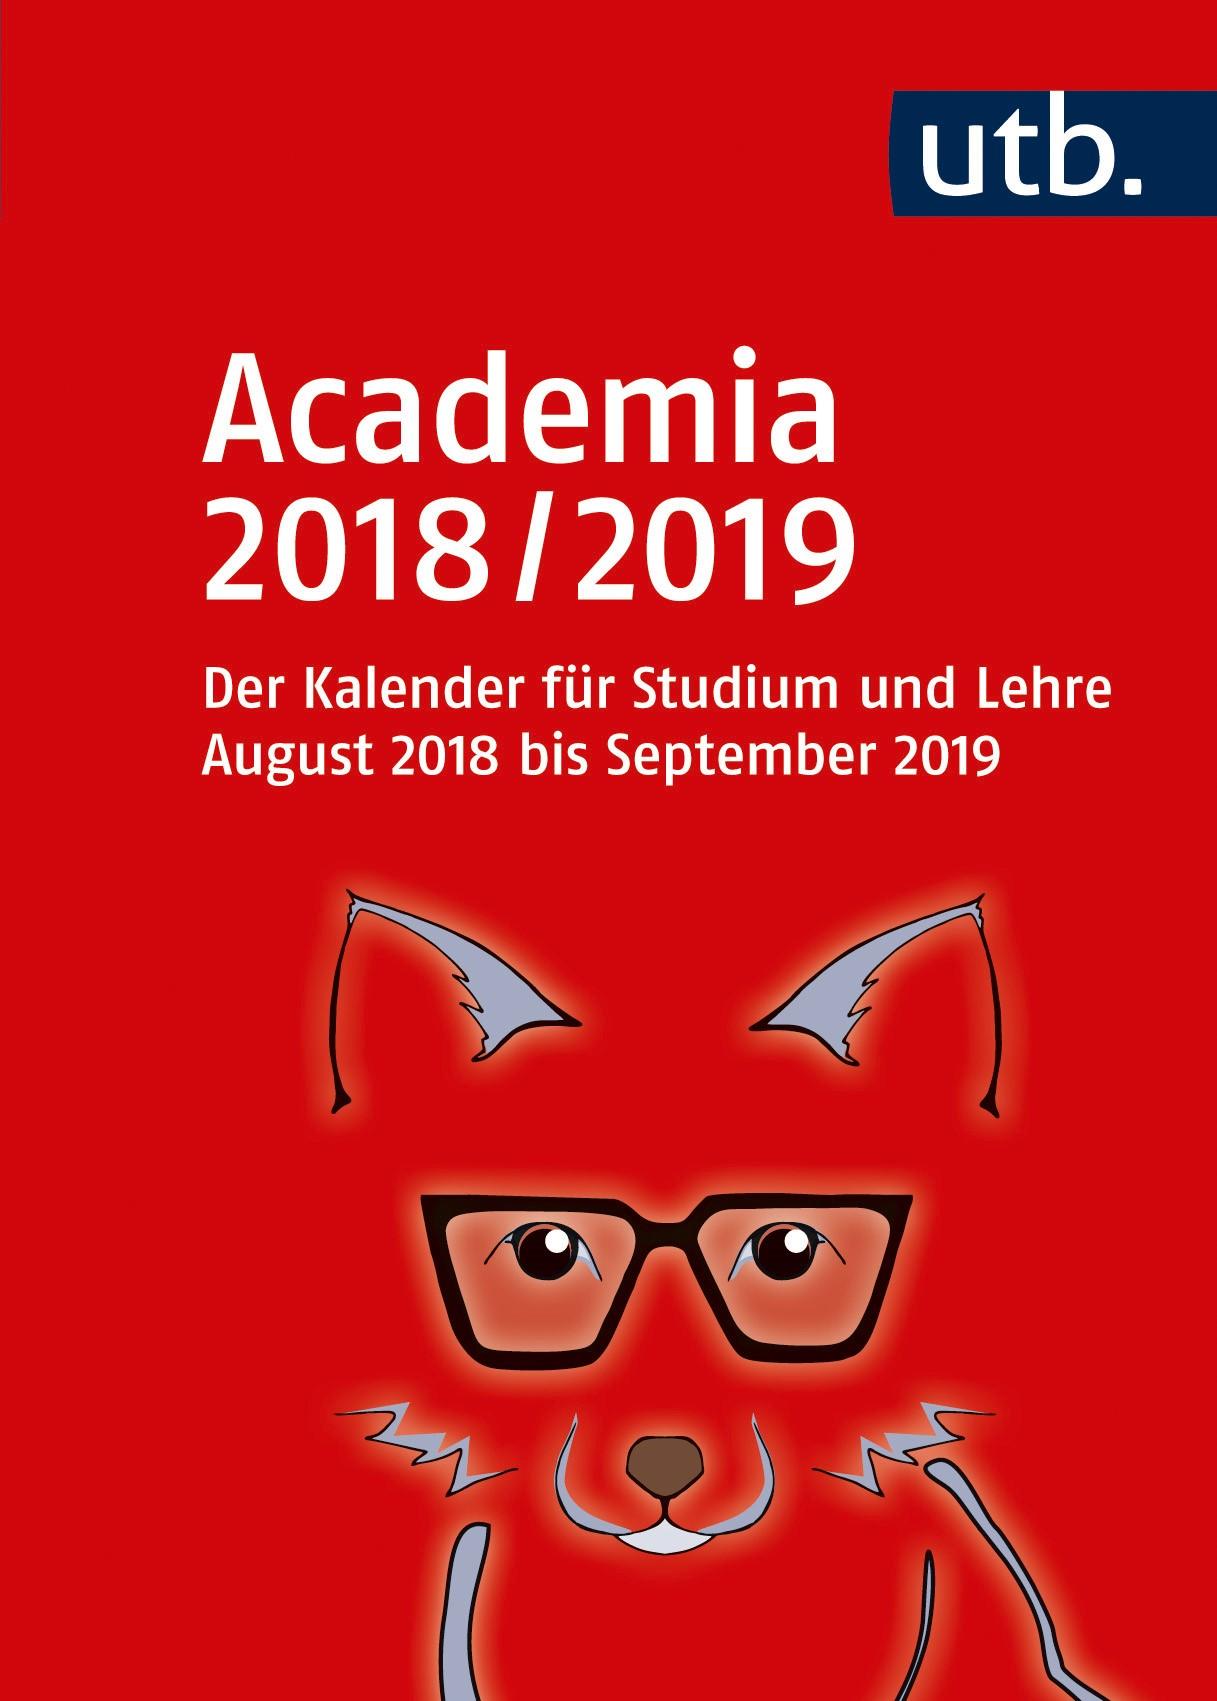 Abbildung von Academia 2018/2019 – Der Kalender für Studium und Lehre | 2018